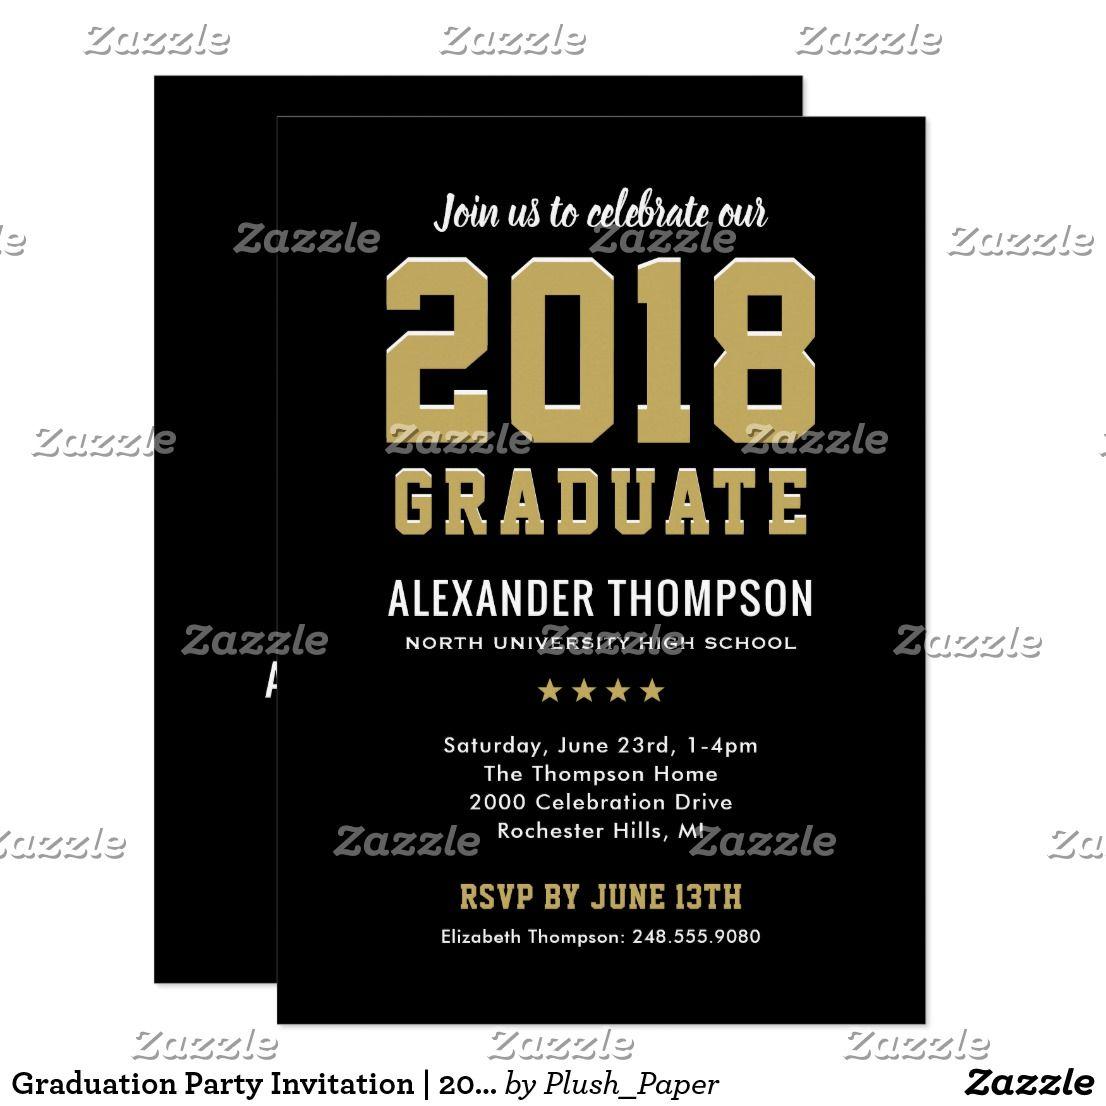 graduation party invitation 2018 graduate in 2018 congrats